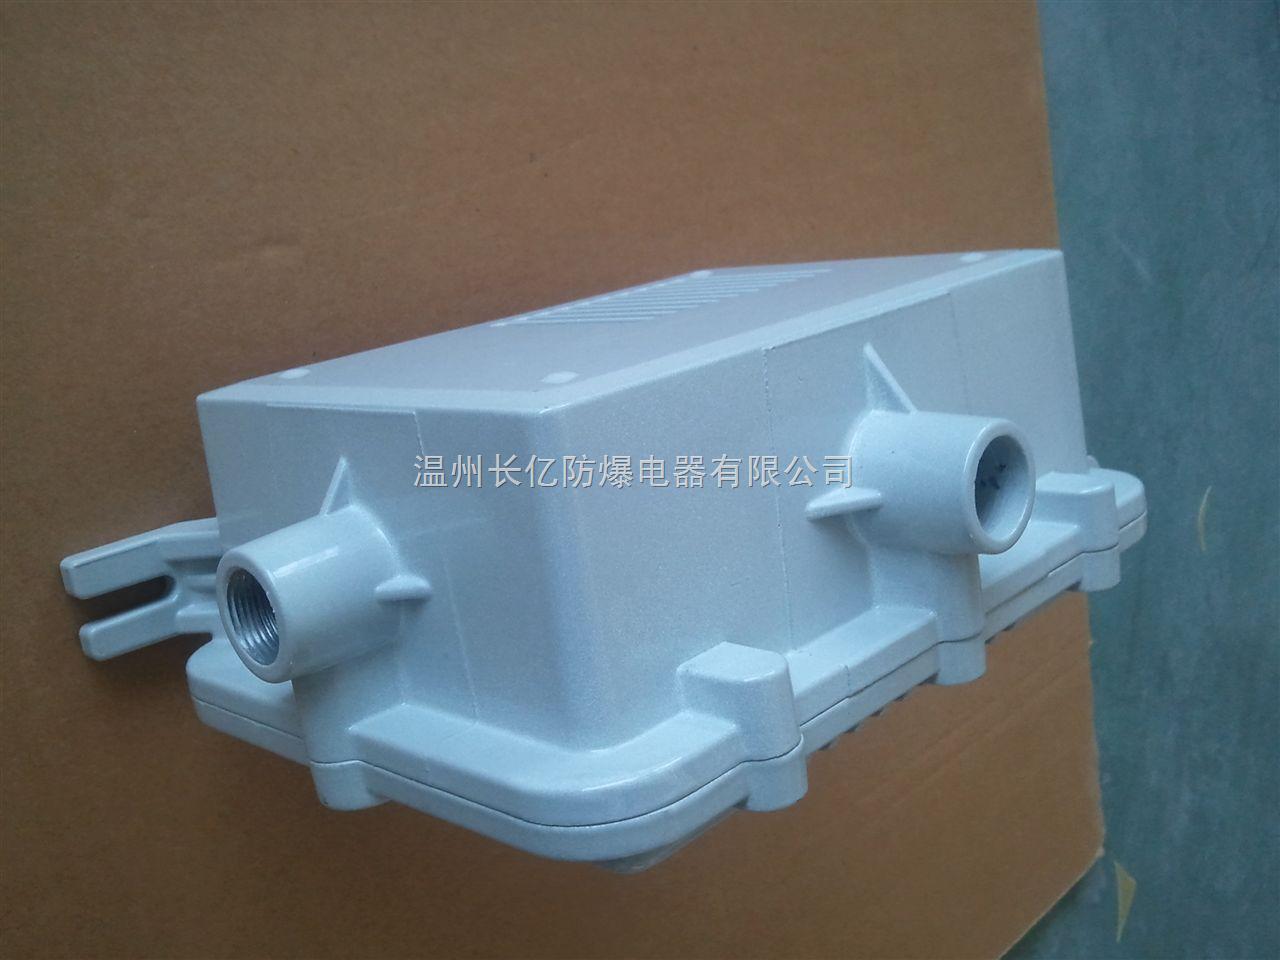 杭州防爆接线盒|新疆防爆接线盒厂家|河南防爆接线盒批发价